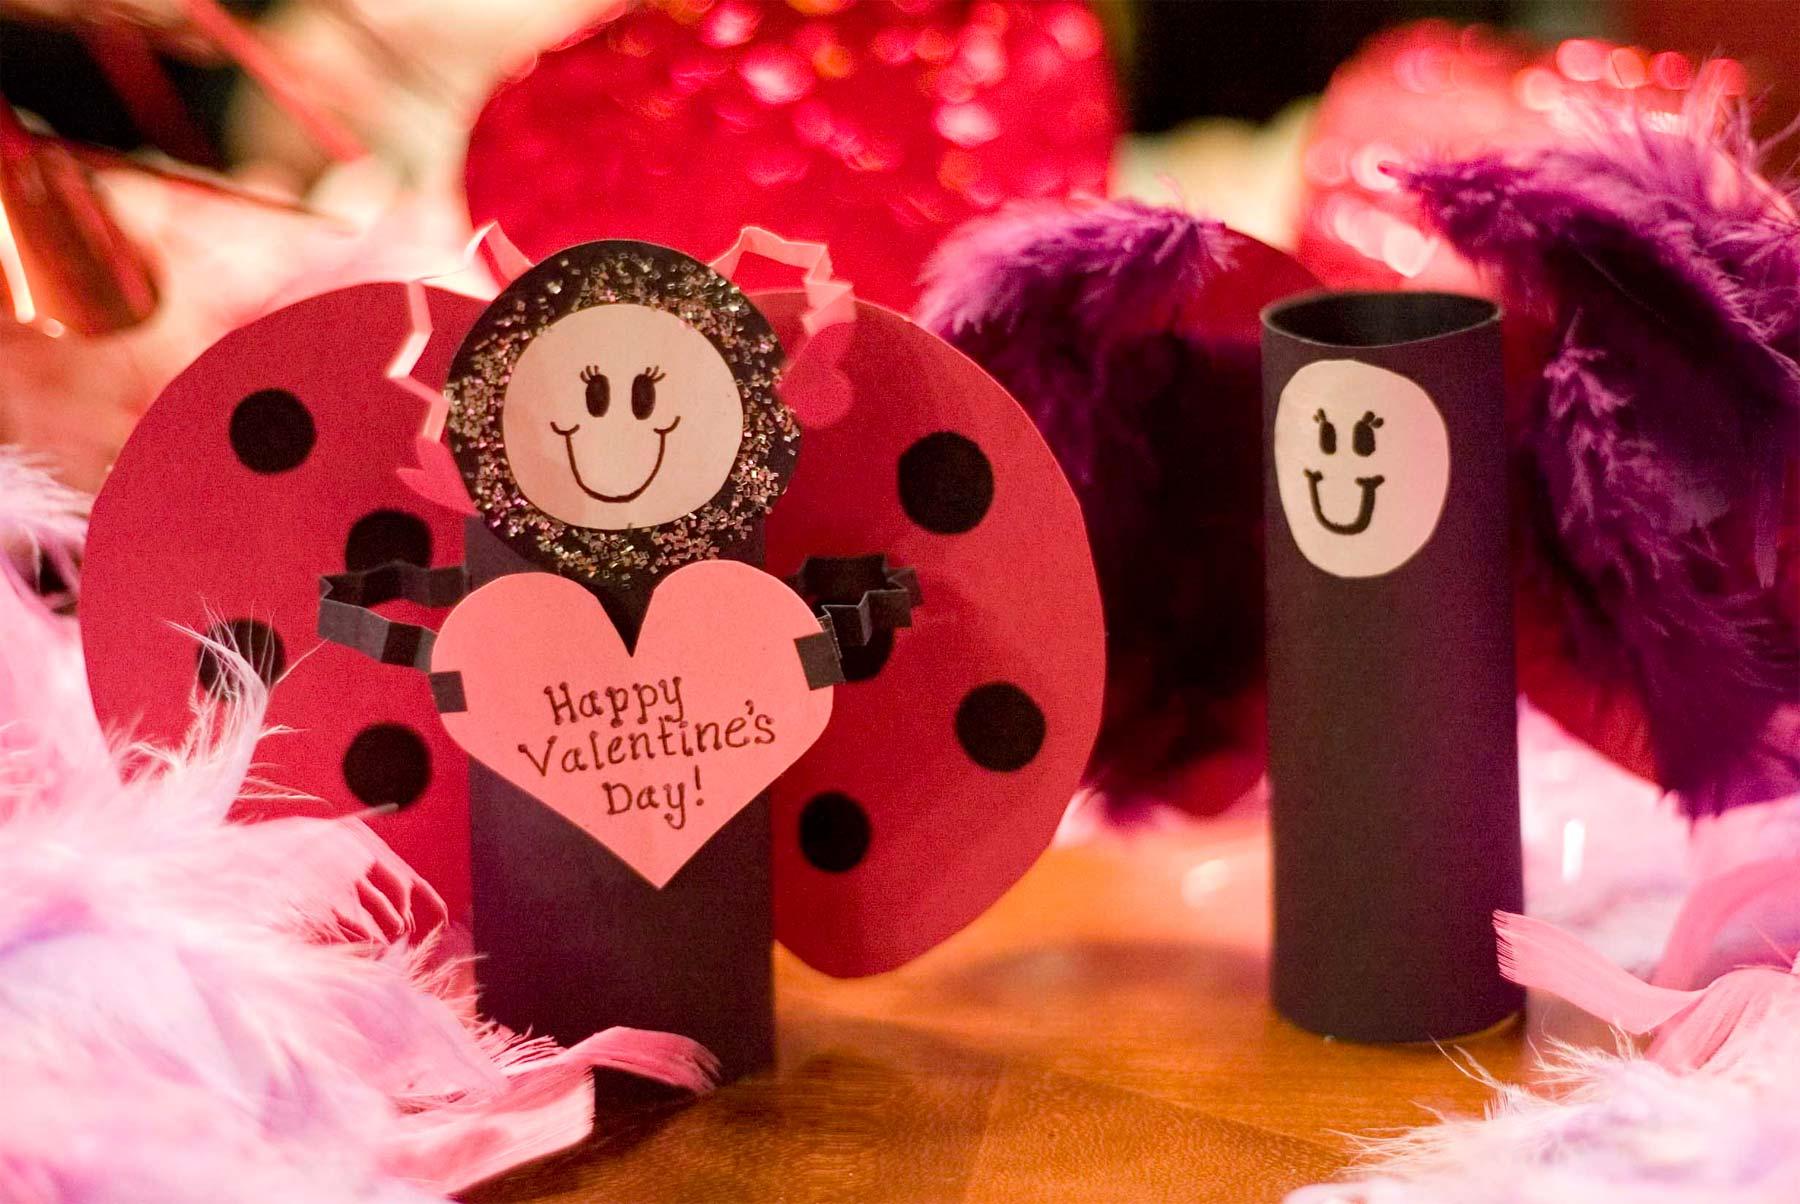 Valentine's Day Hot